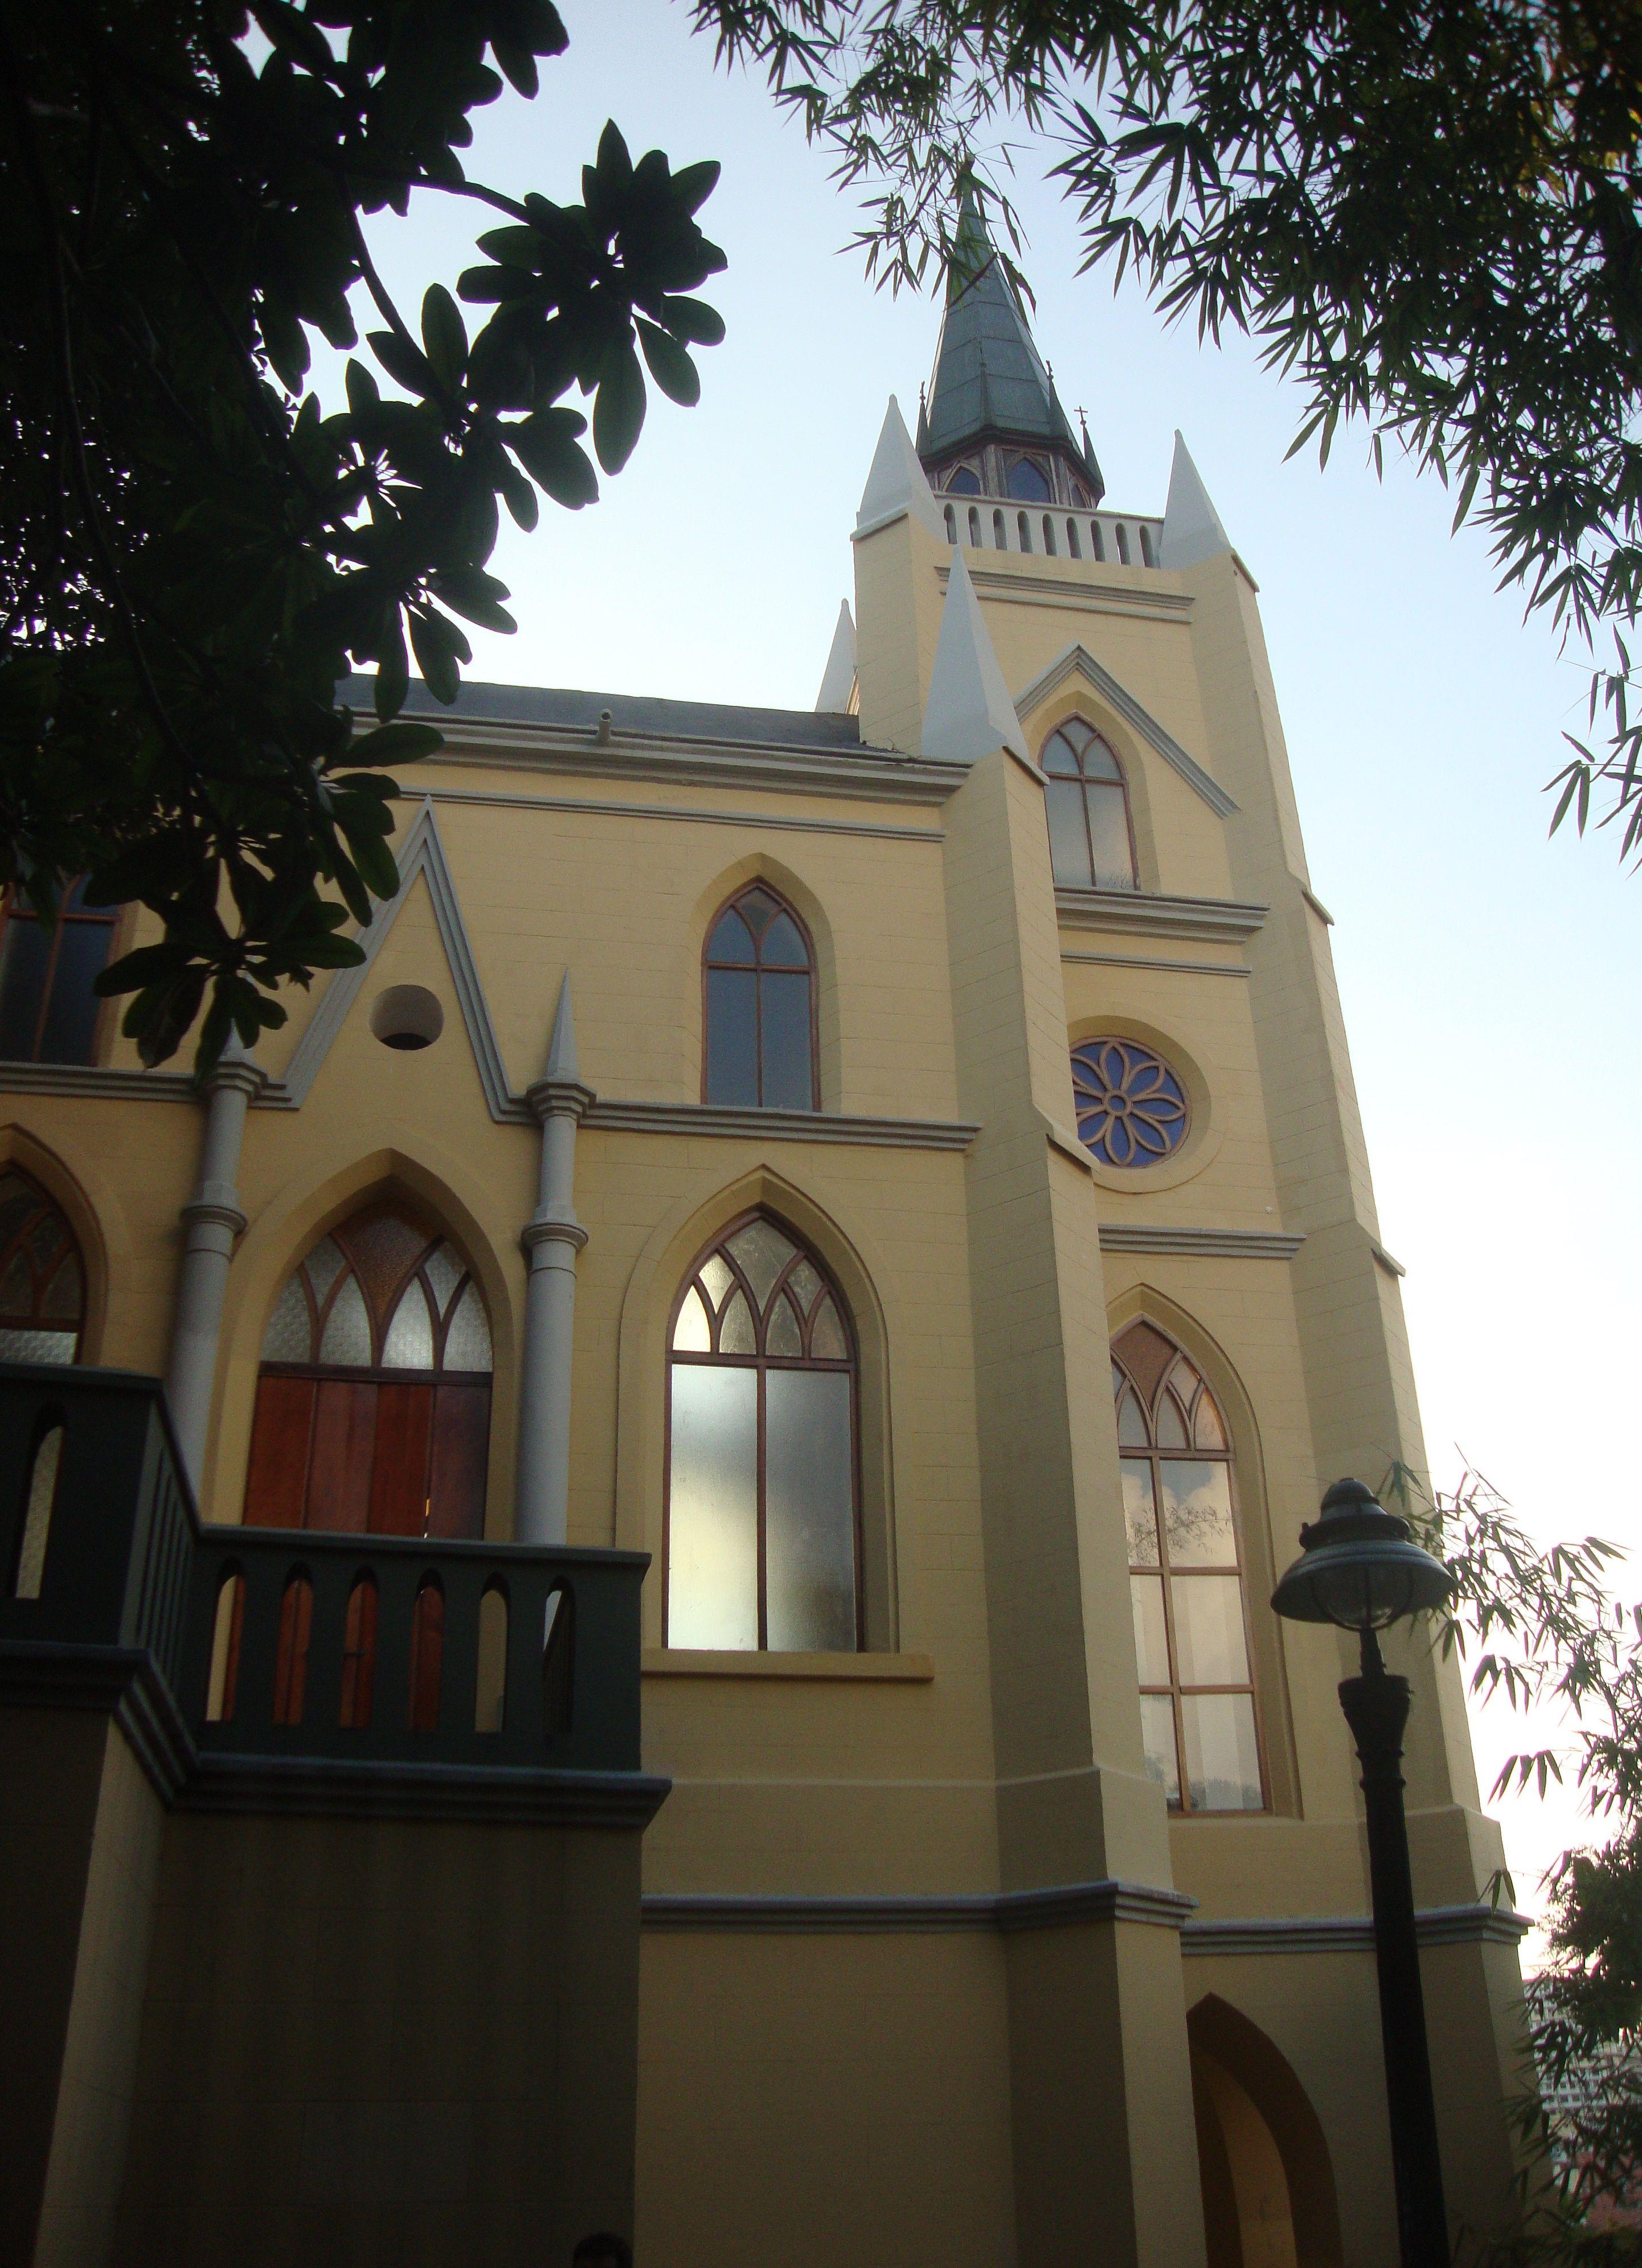 Capilla De Nuestra Señora De Lourdes Parque El Calvario House Styles Mansions Building